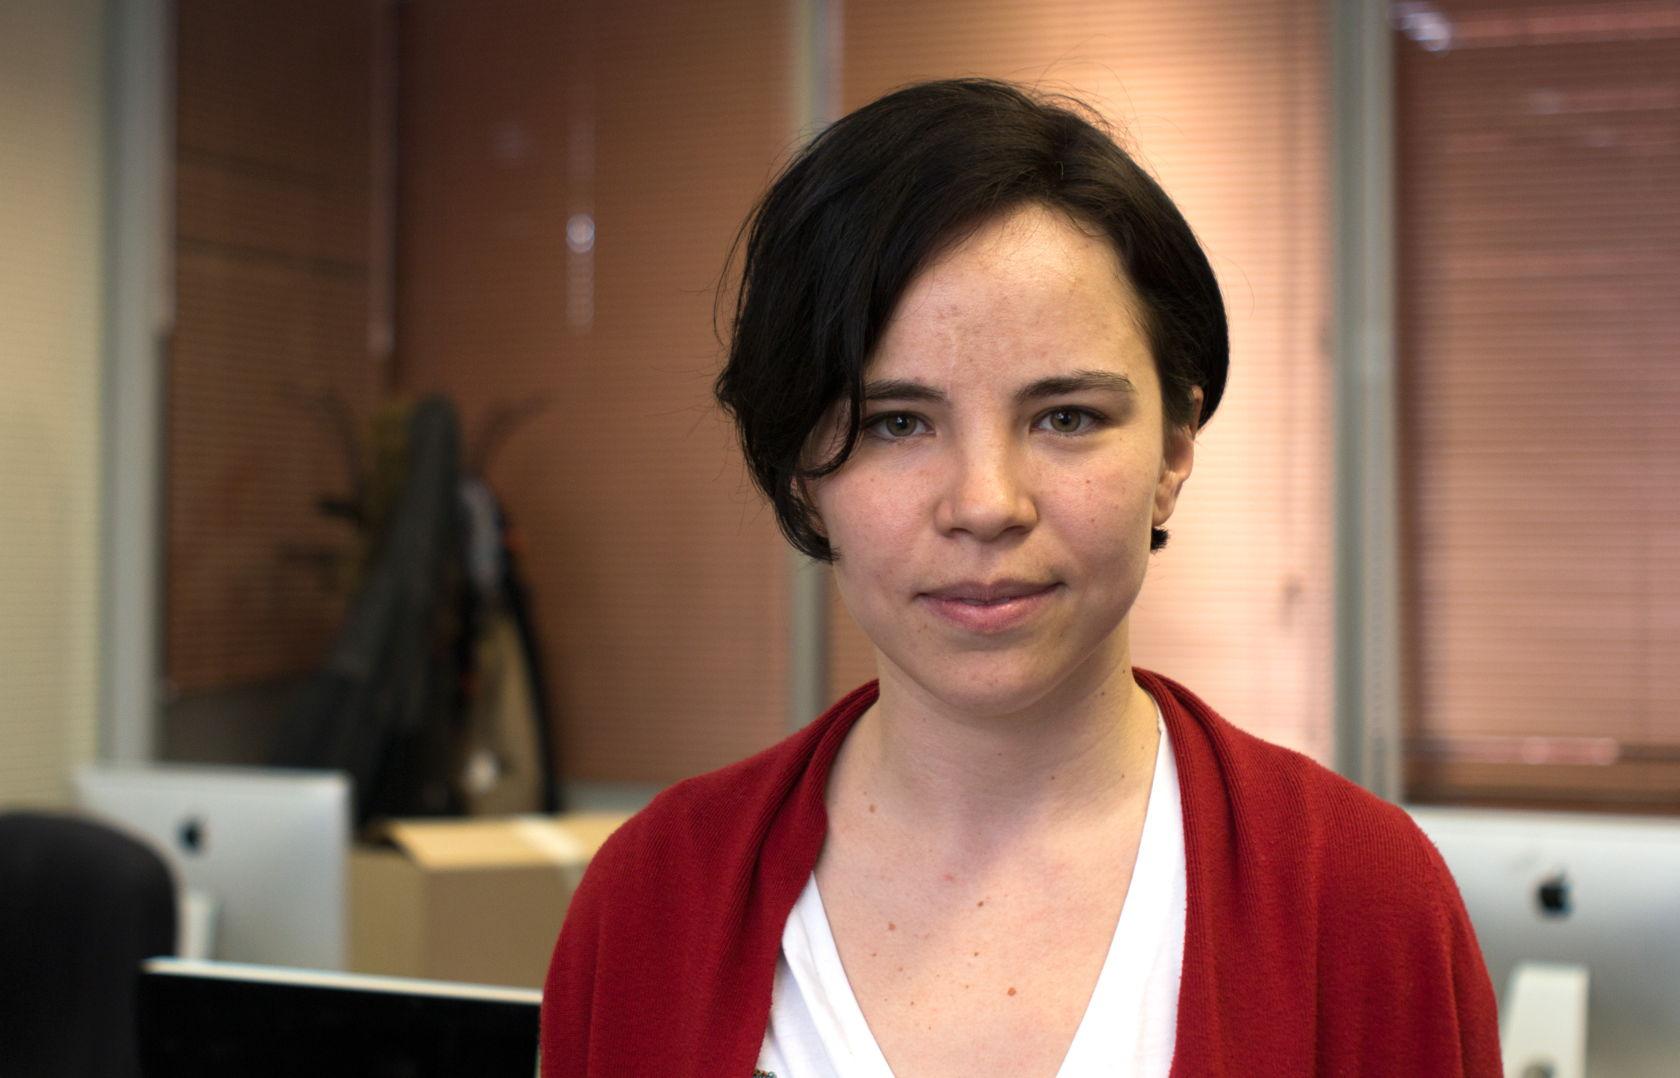 Голландка после 4-х лет в России: «Я ошибалась, тут все совсем по-другому»